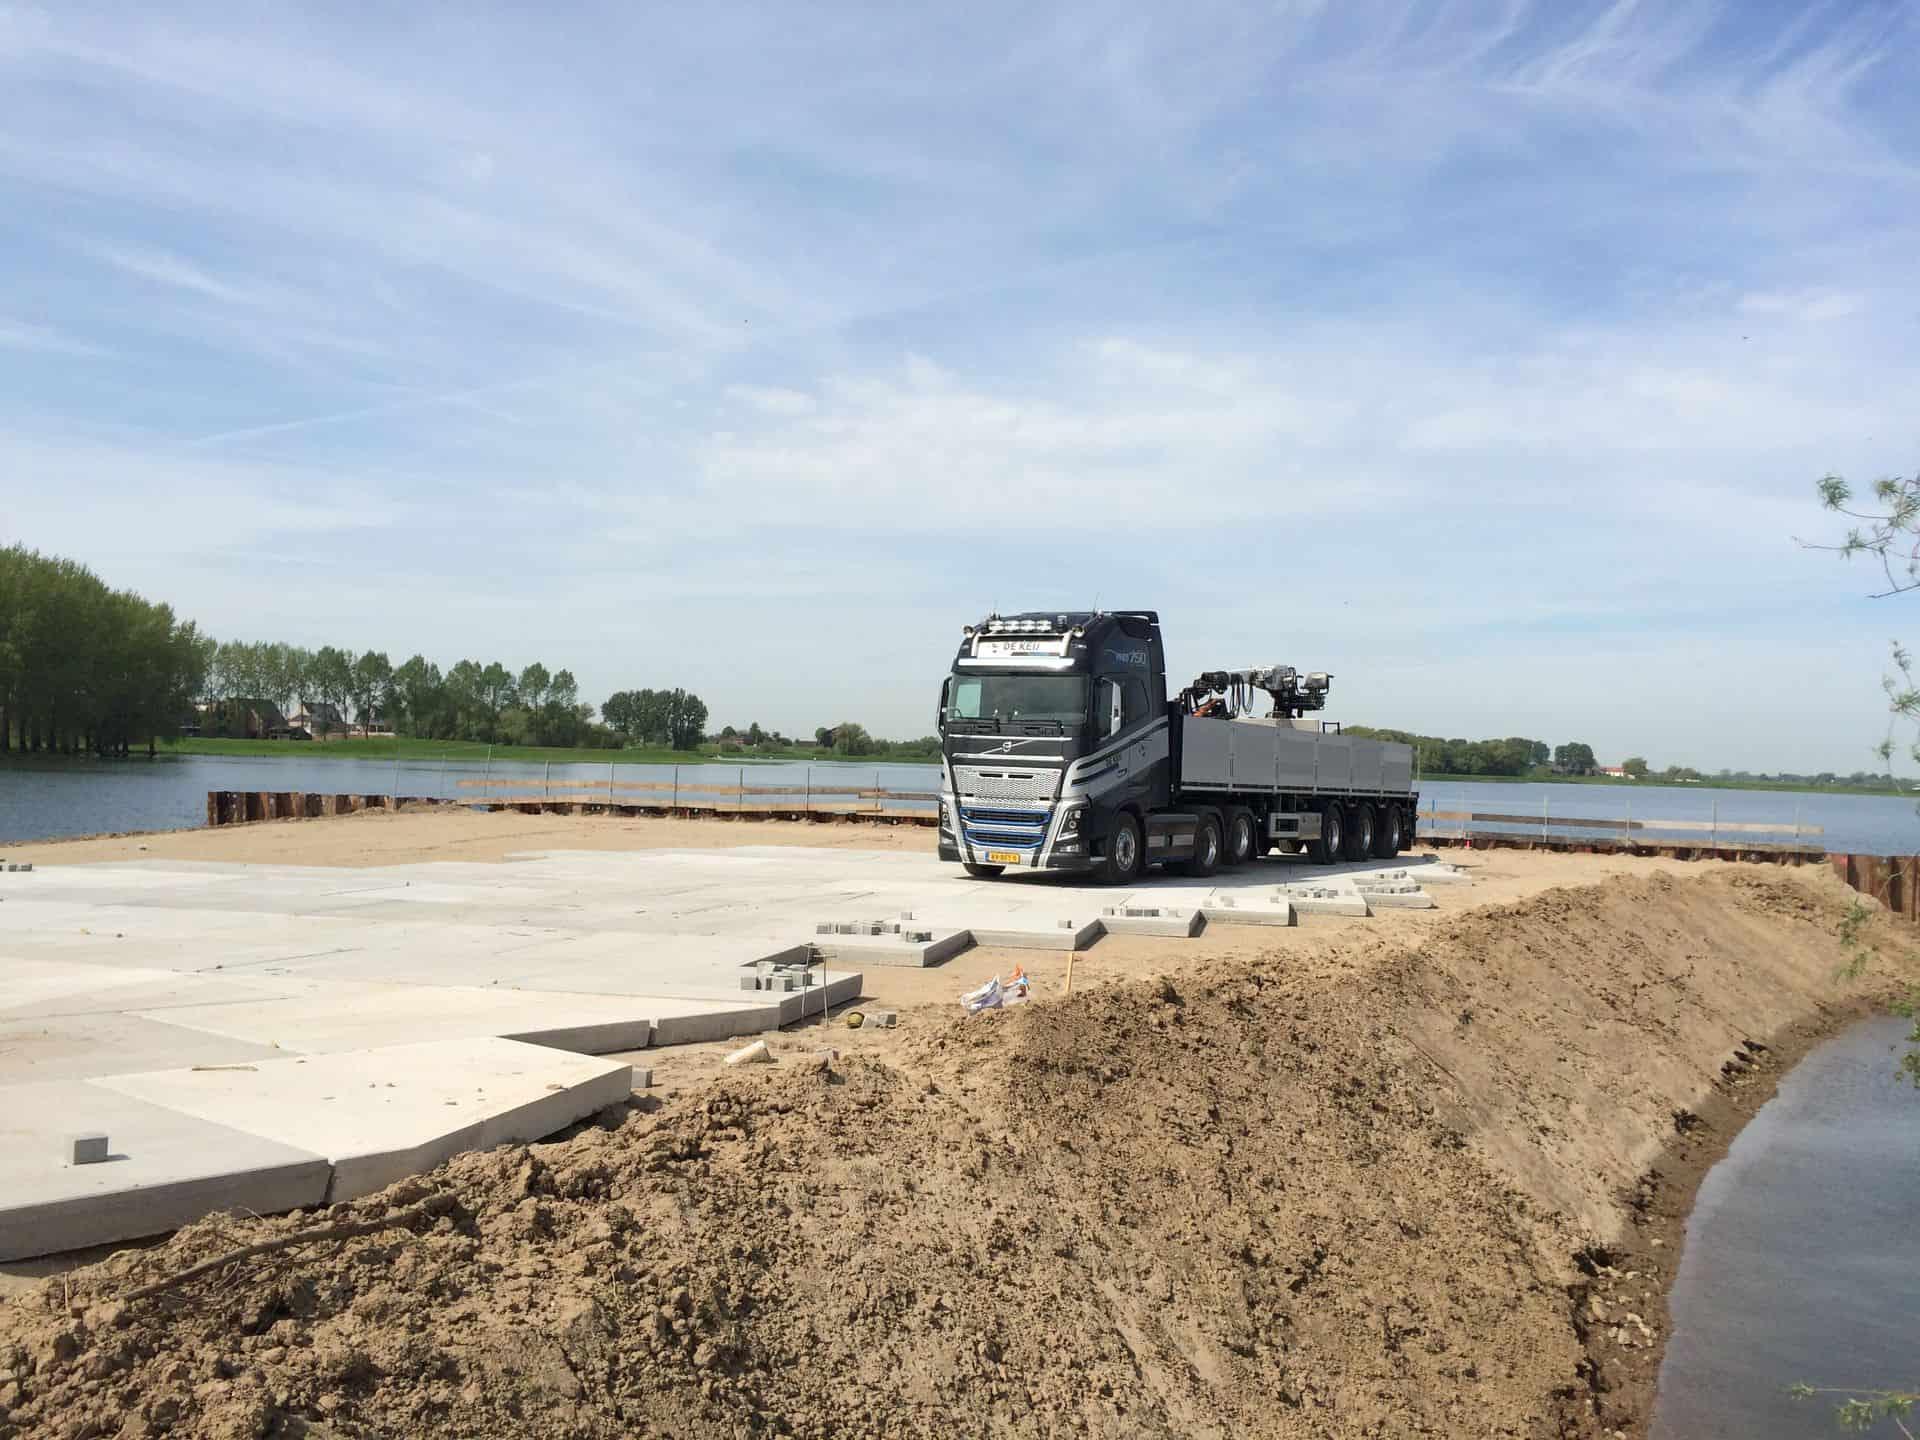 Terreinverharding   Project Opheusden   Dijkverzwaring